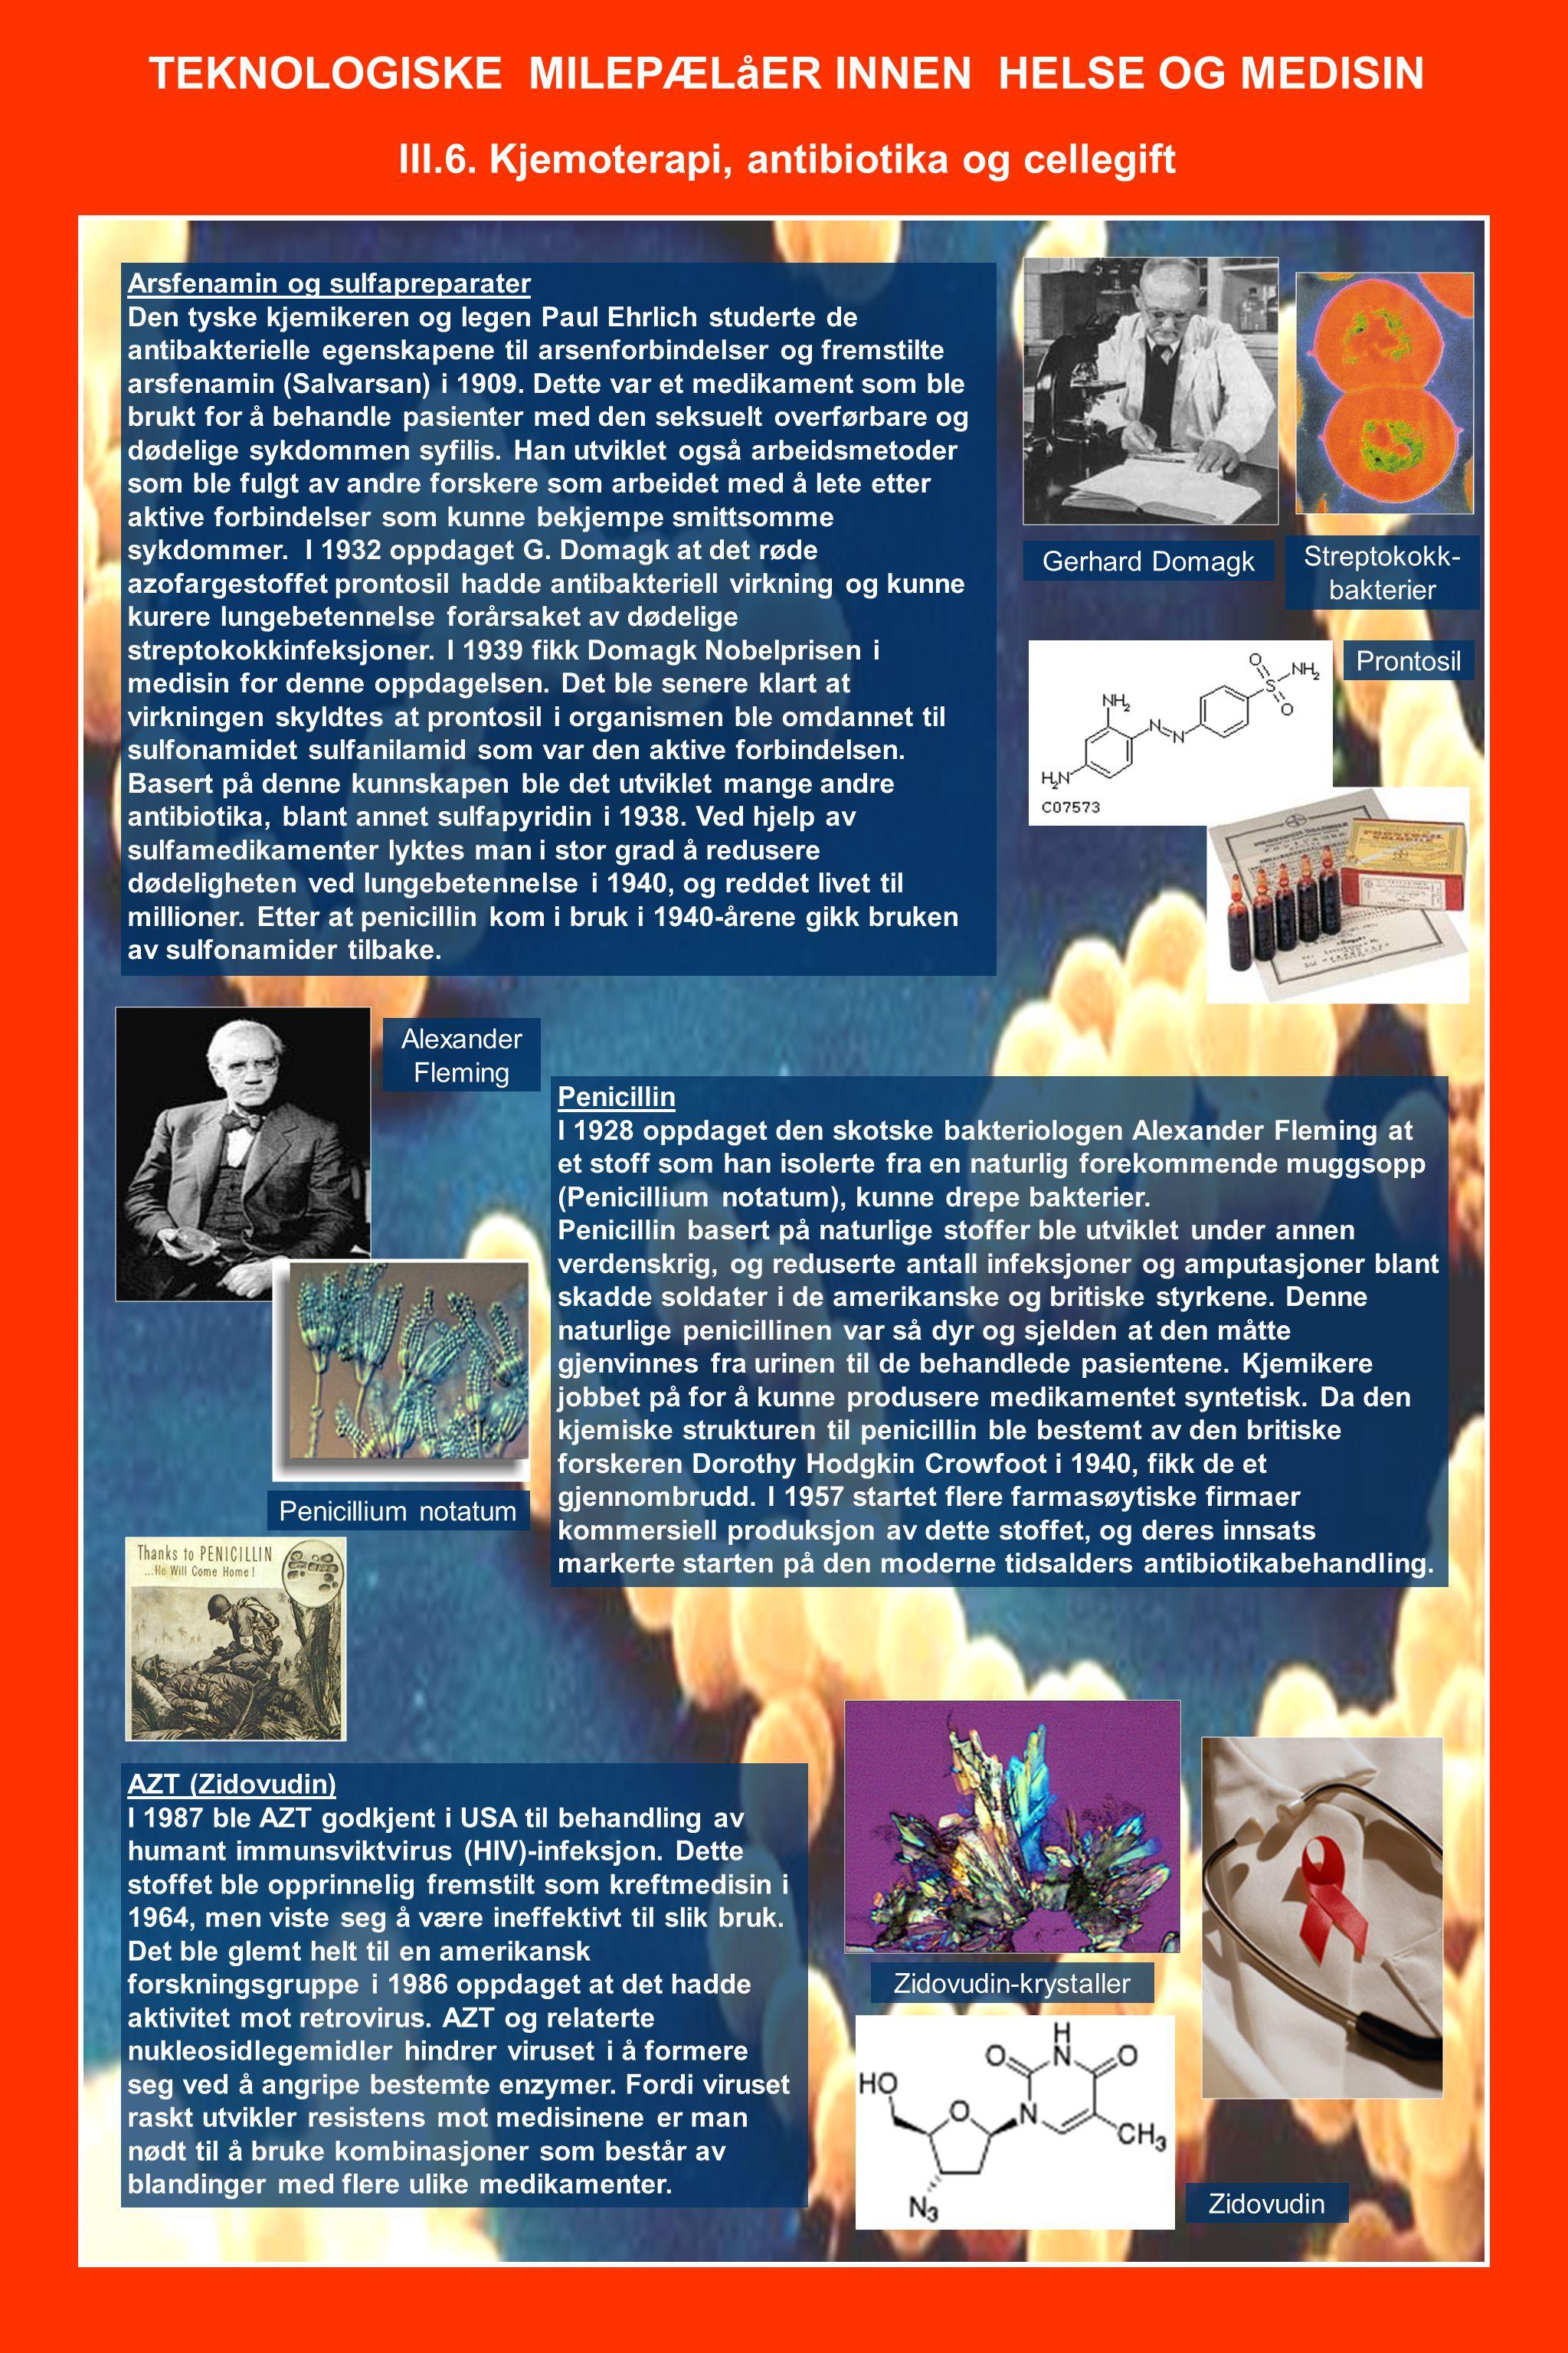 TEKNOLOGISKE MILEPÆLåER INNEN HELSE OG MEDISIN III.6. Kjemoterapi, antibiotika og cellegift Arsfenamin og sulfapreparater Den tyske kjemikeren og lege